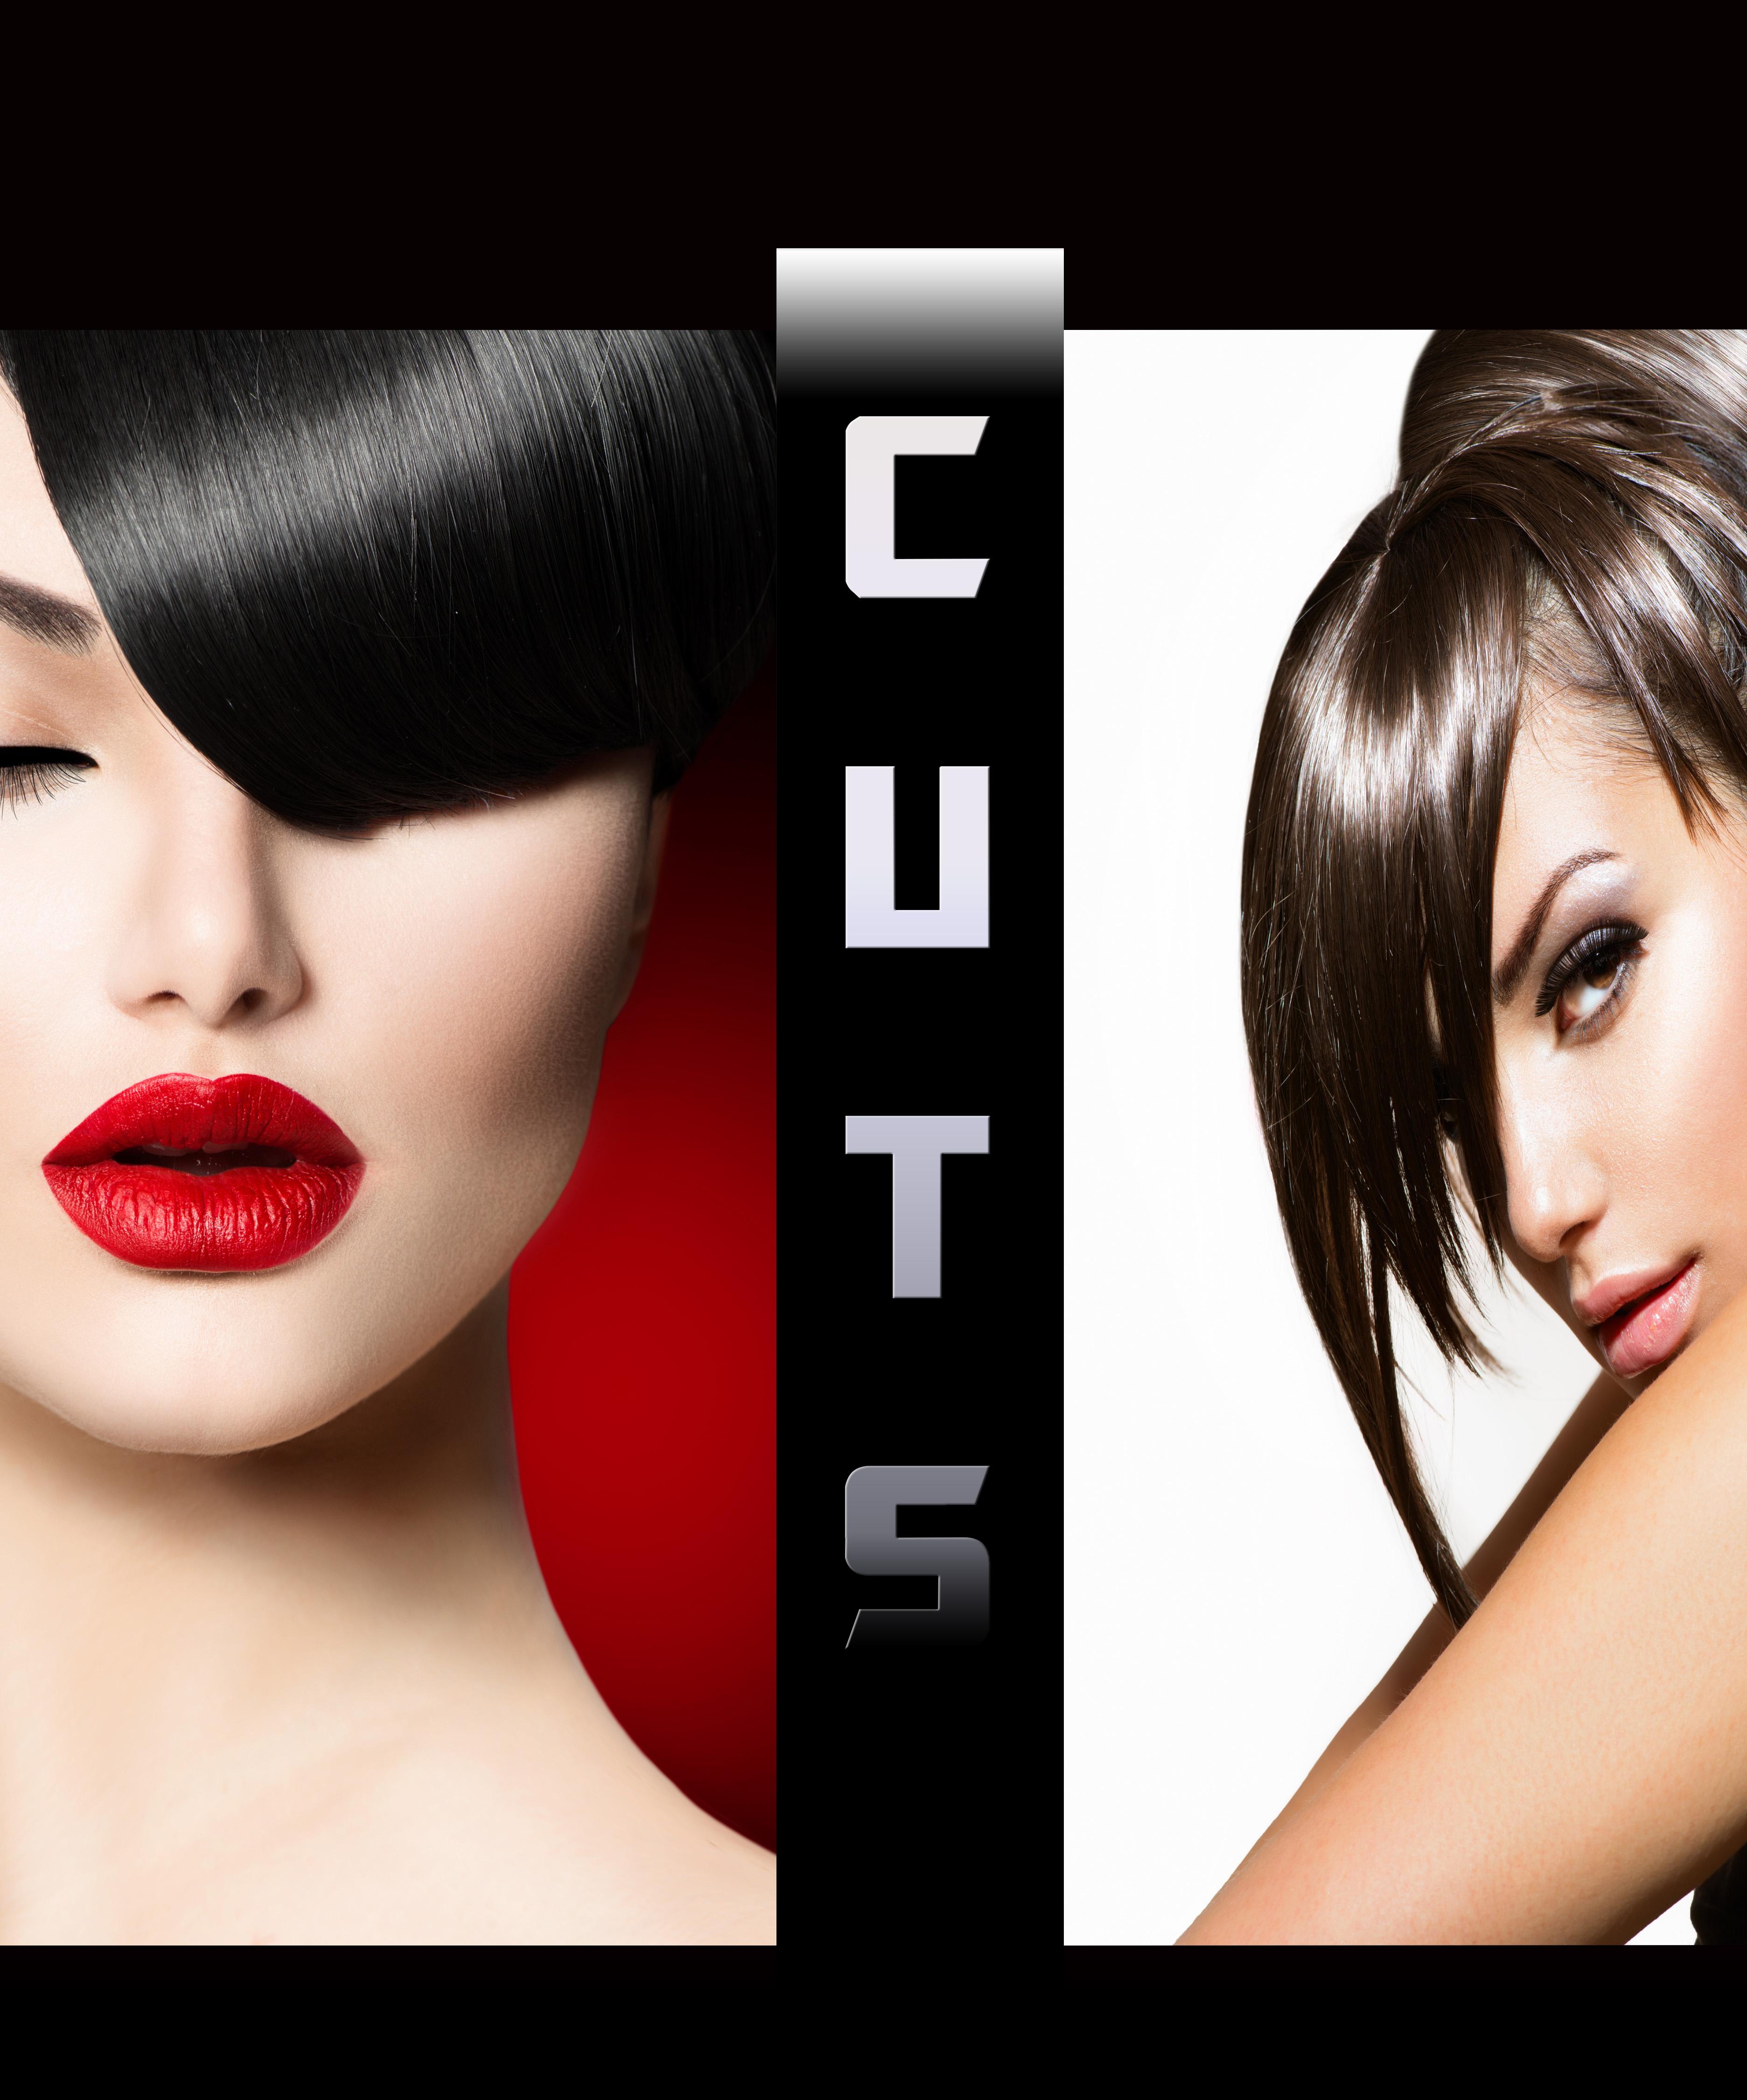 Cuts2